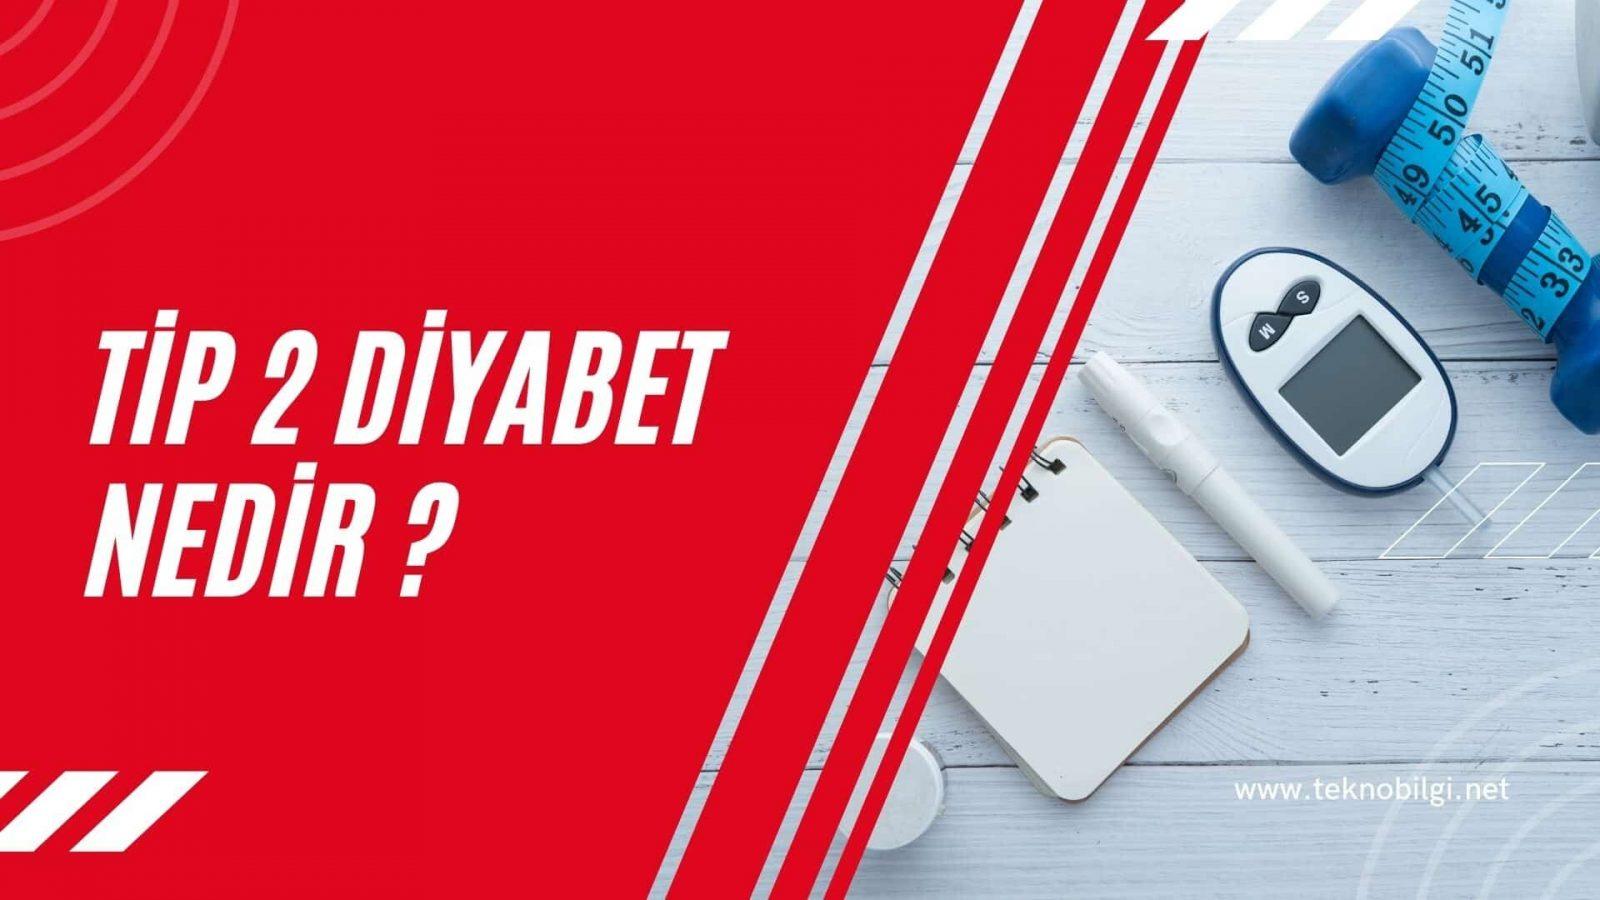 Tip 2 Diyabet Nedir, Tip 2 Diyabet Nedir ?